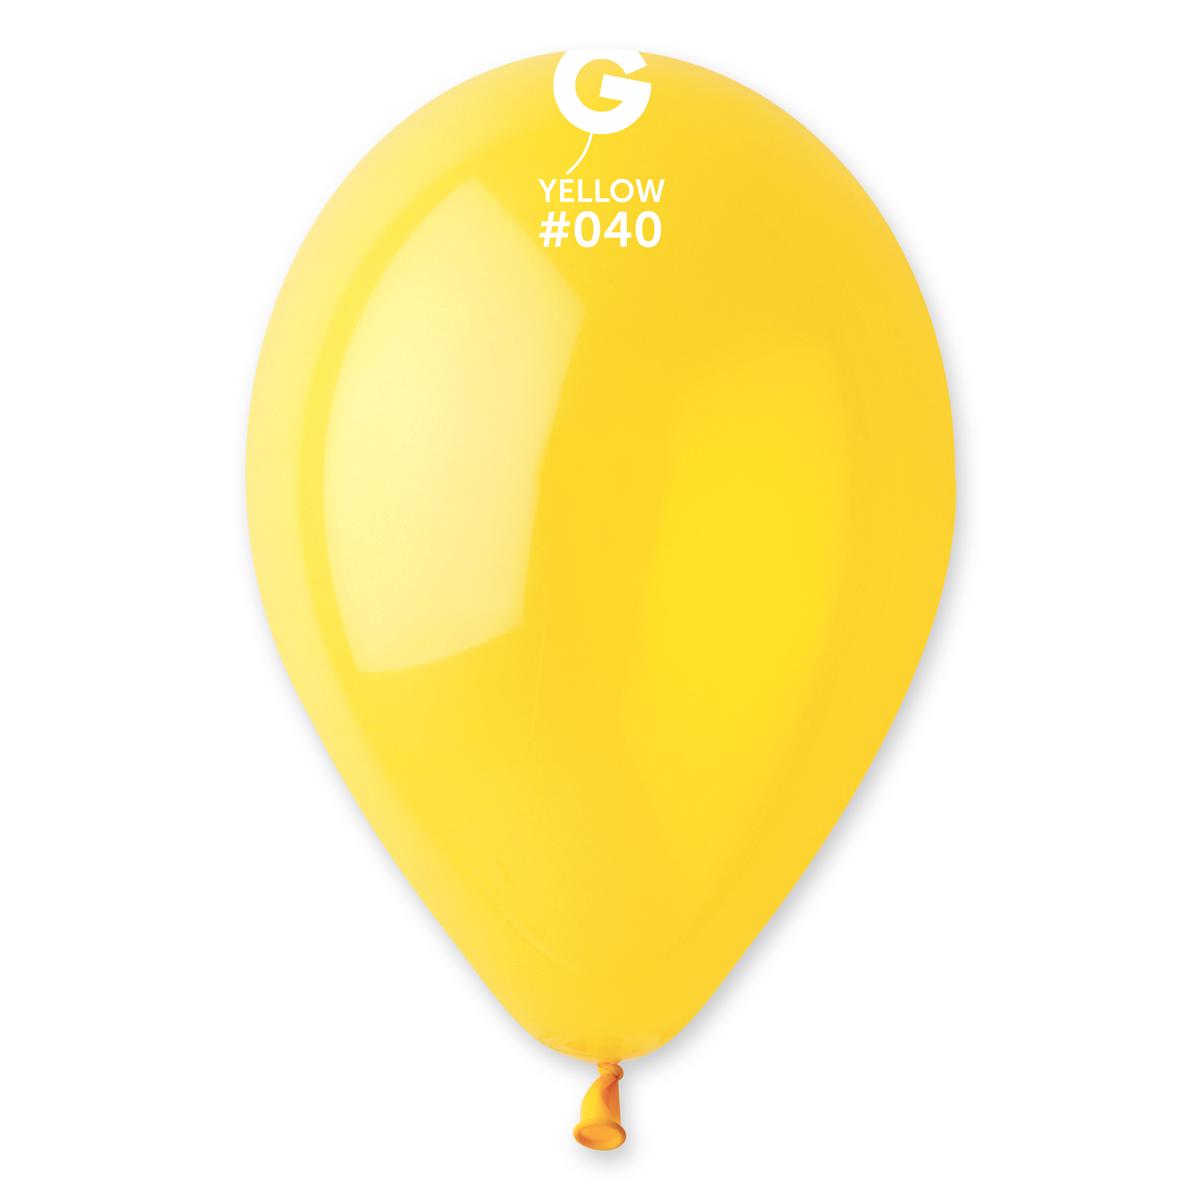 #040 Yellow